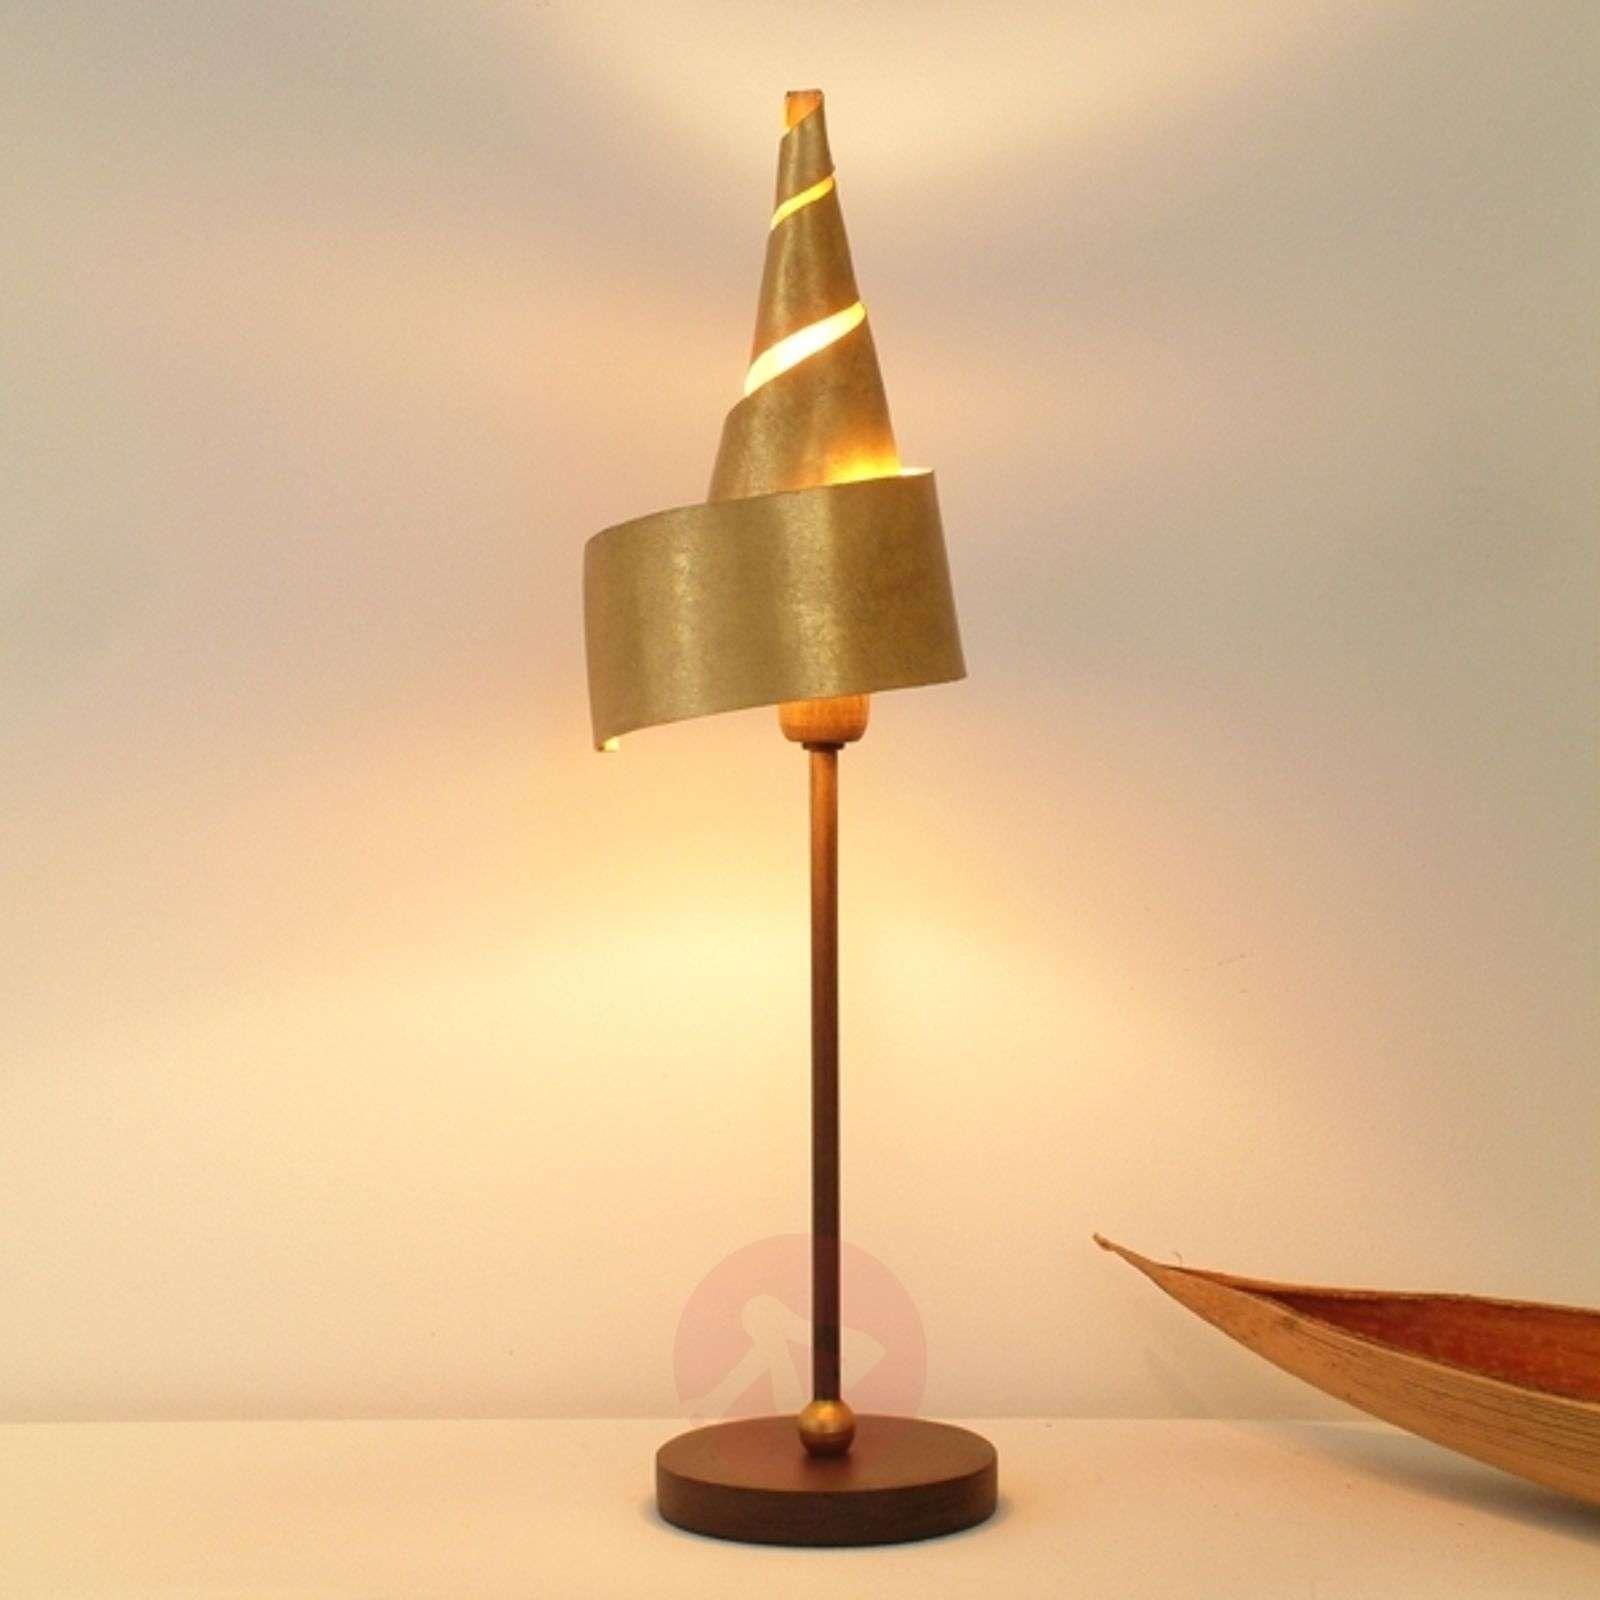 Kulta pöytävalaisin TAIKAHATTU metallivarjostin-4512040-01